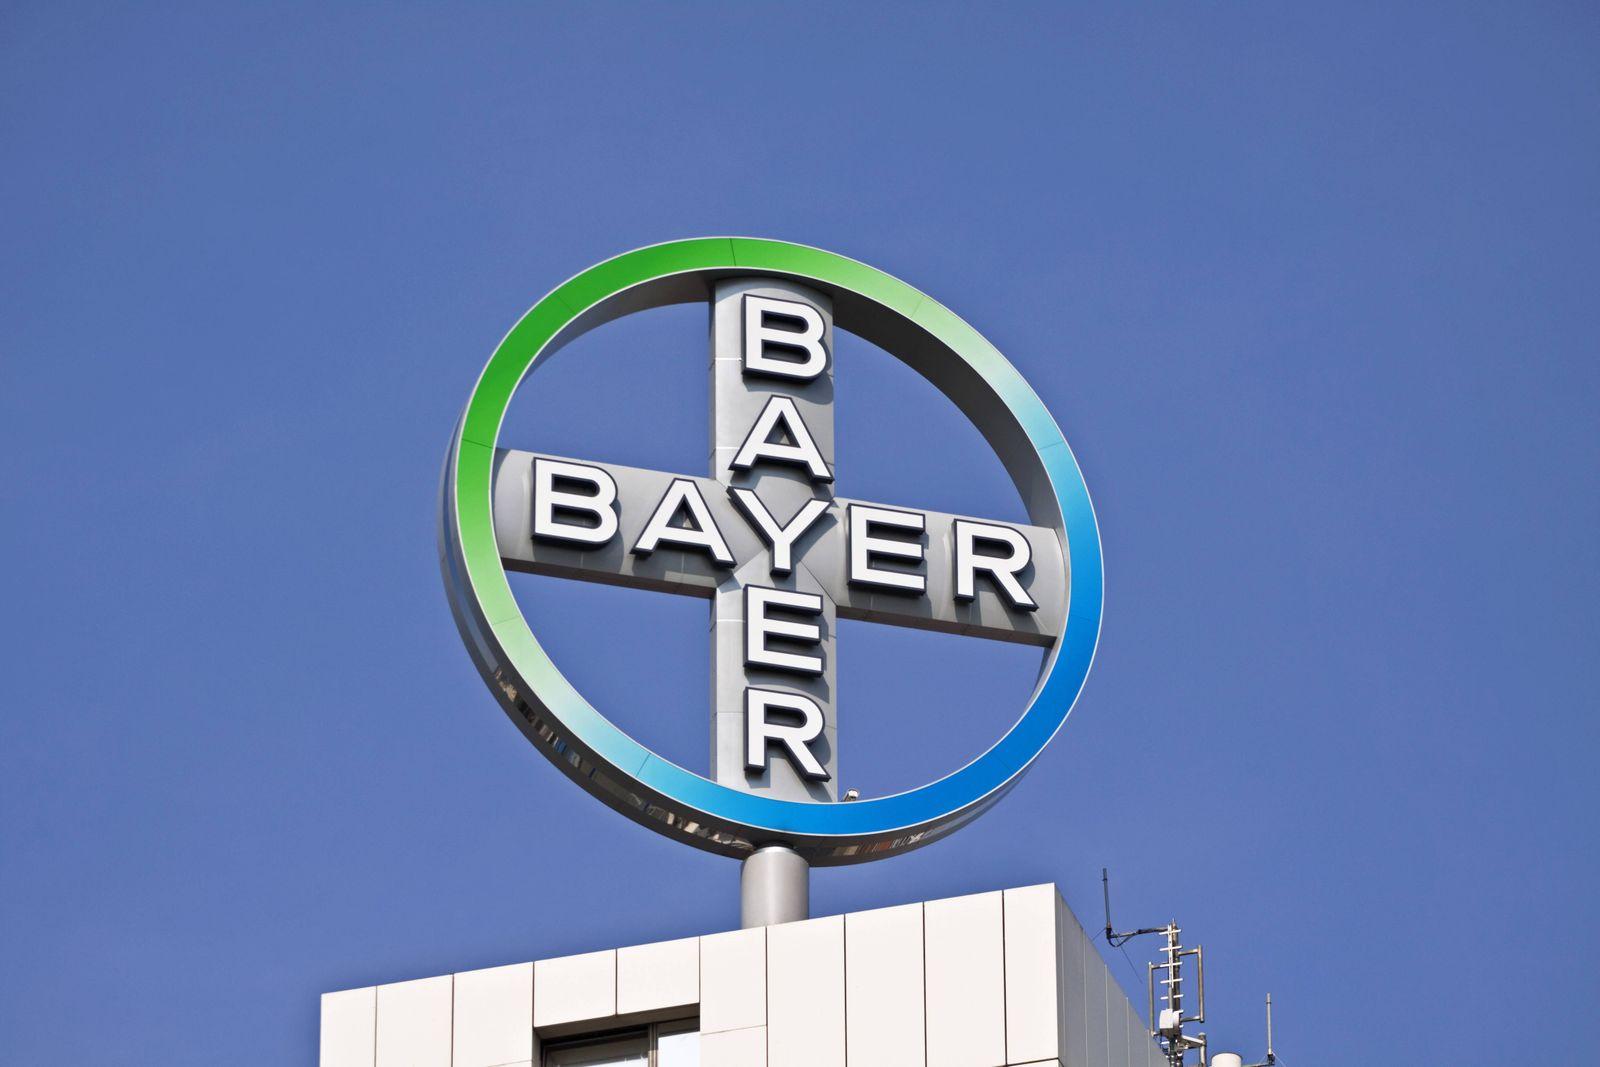 Logo der Bayer AG, Unternehmen der chemischen und pharmazeutischen Industrie iblasm01627376